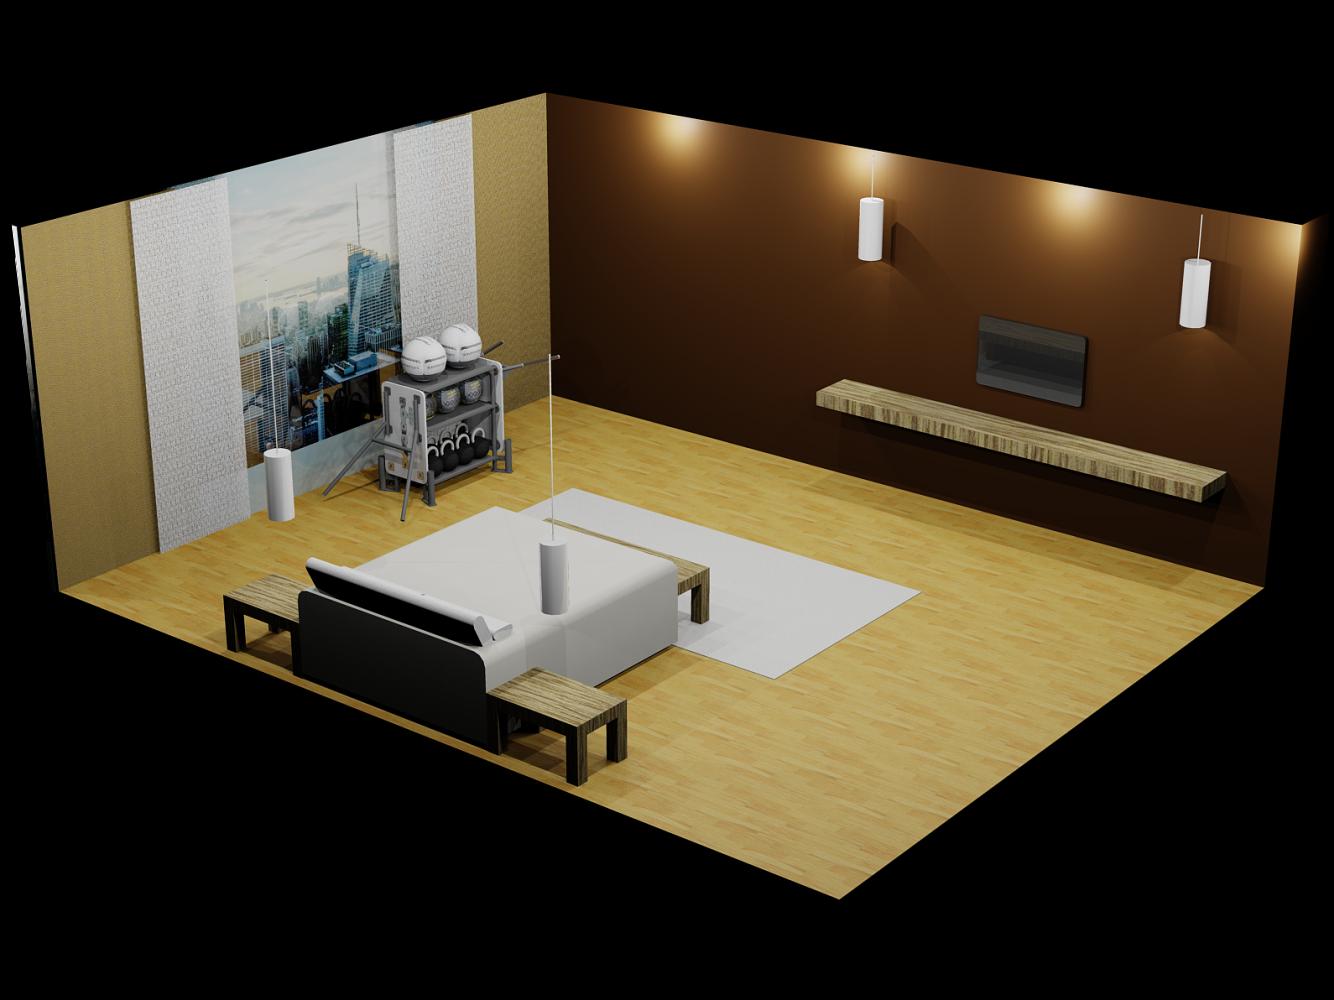 2 m² area